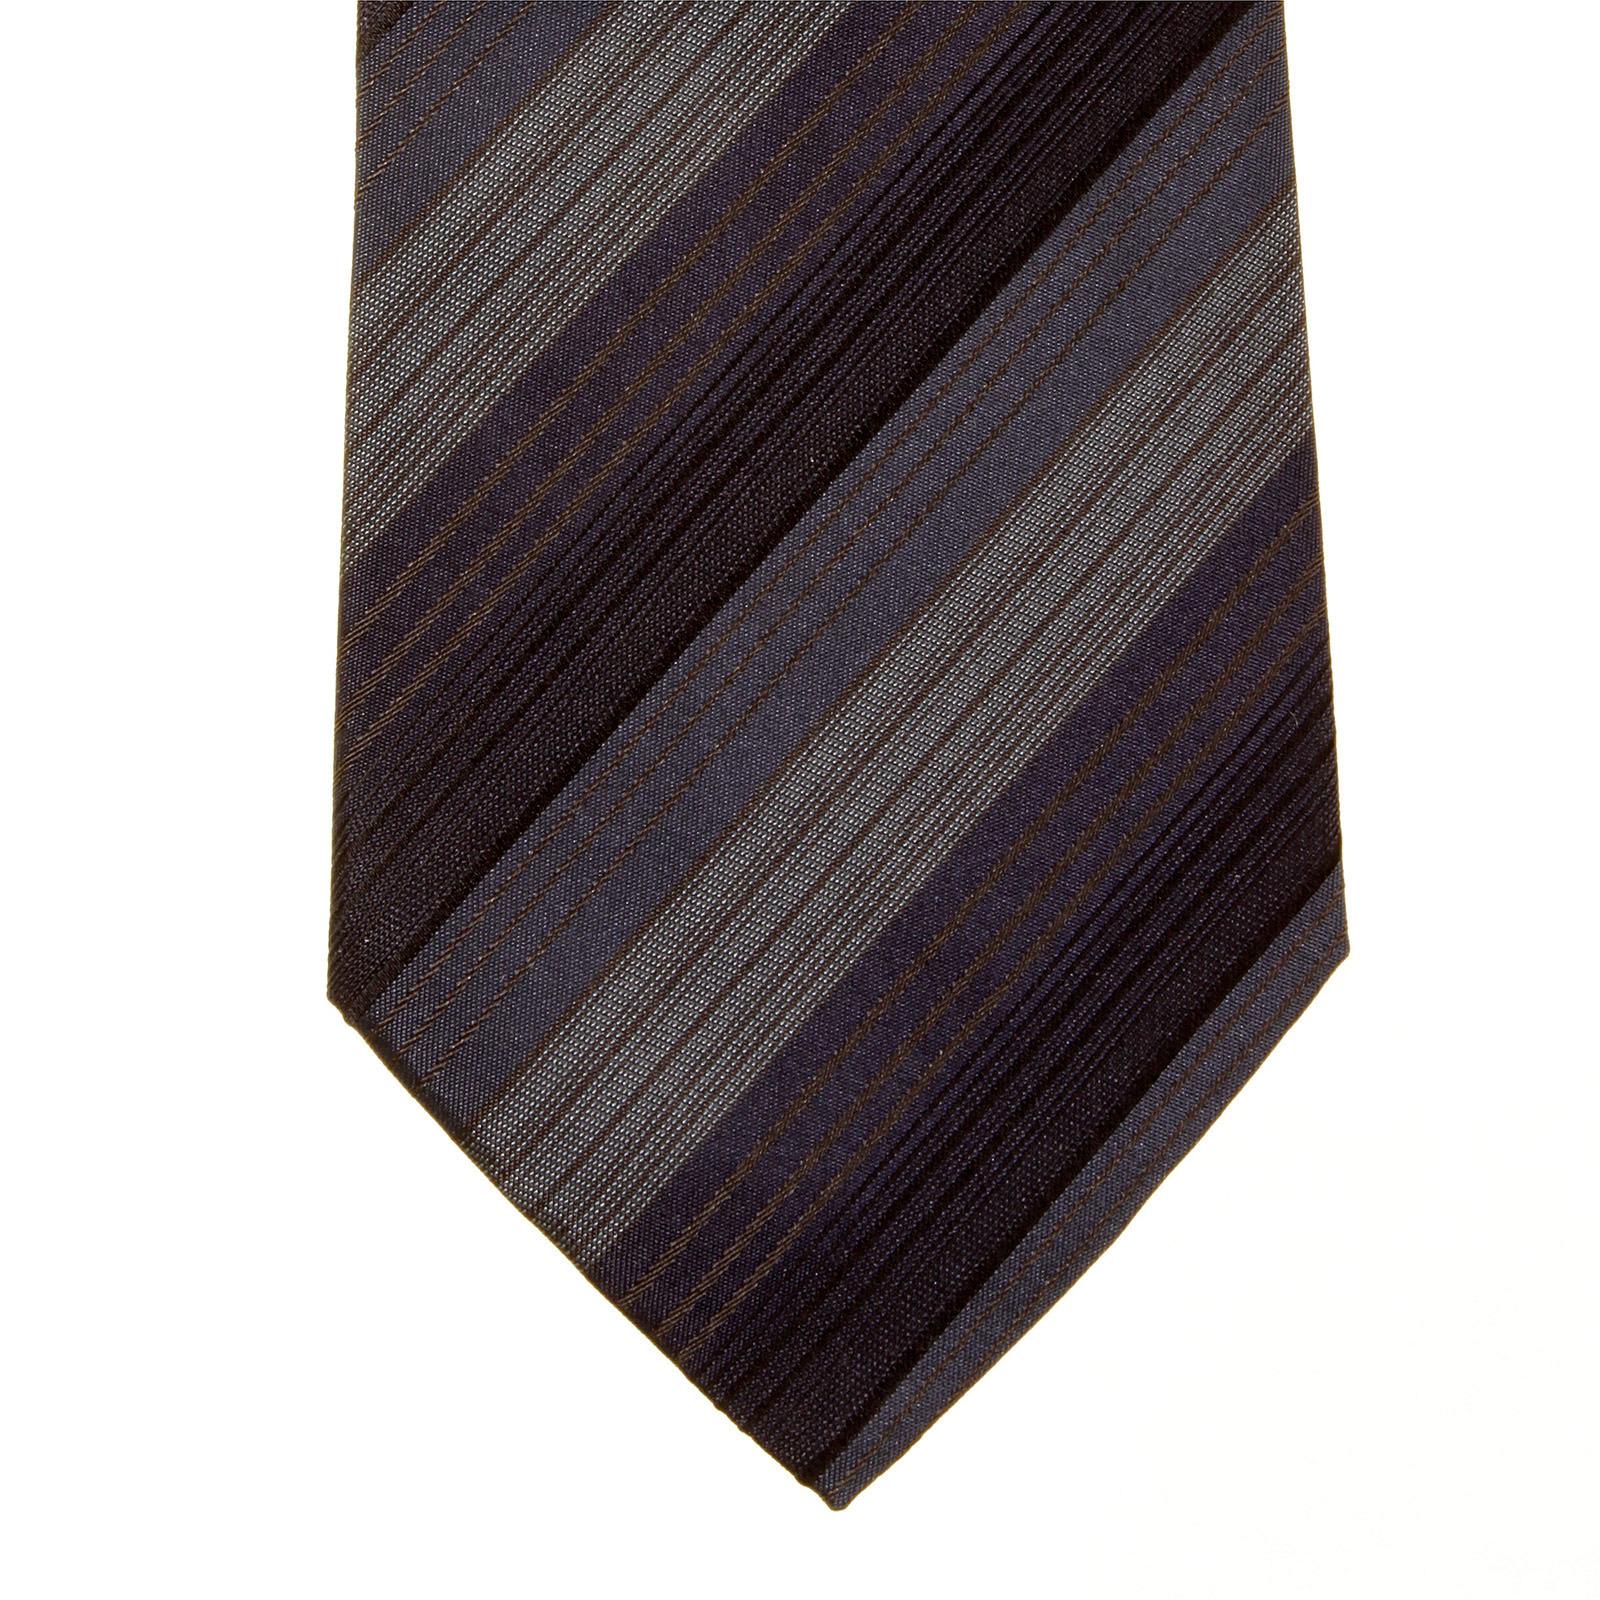 944e147eb943 ... best price giorgio armani tie striped woven silk tie 219w340 gam1254  c7492 21d42